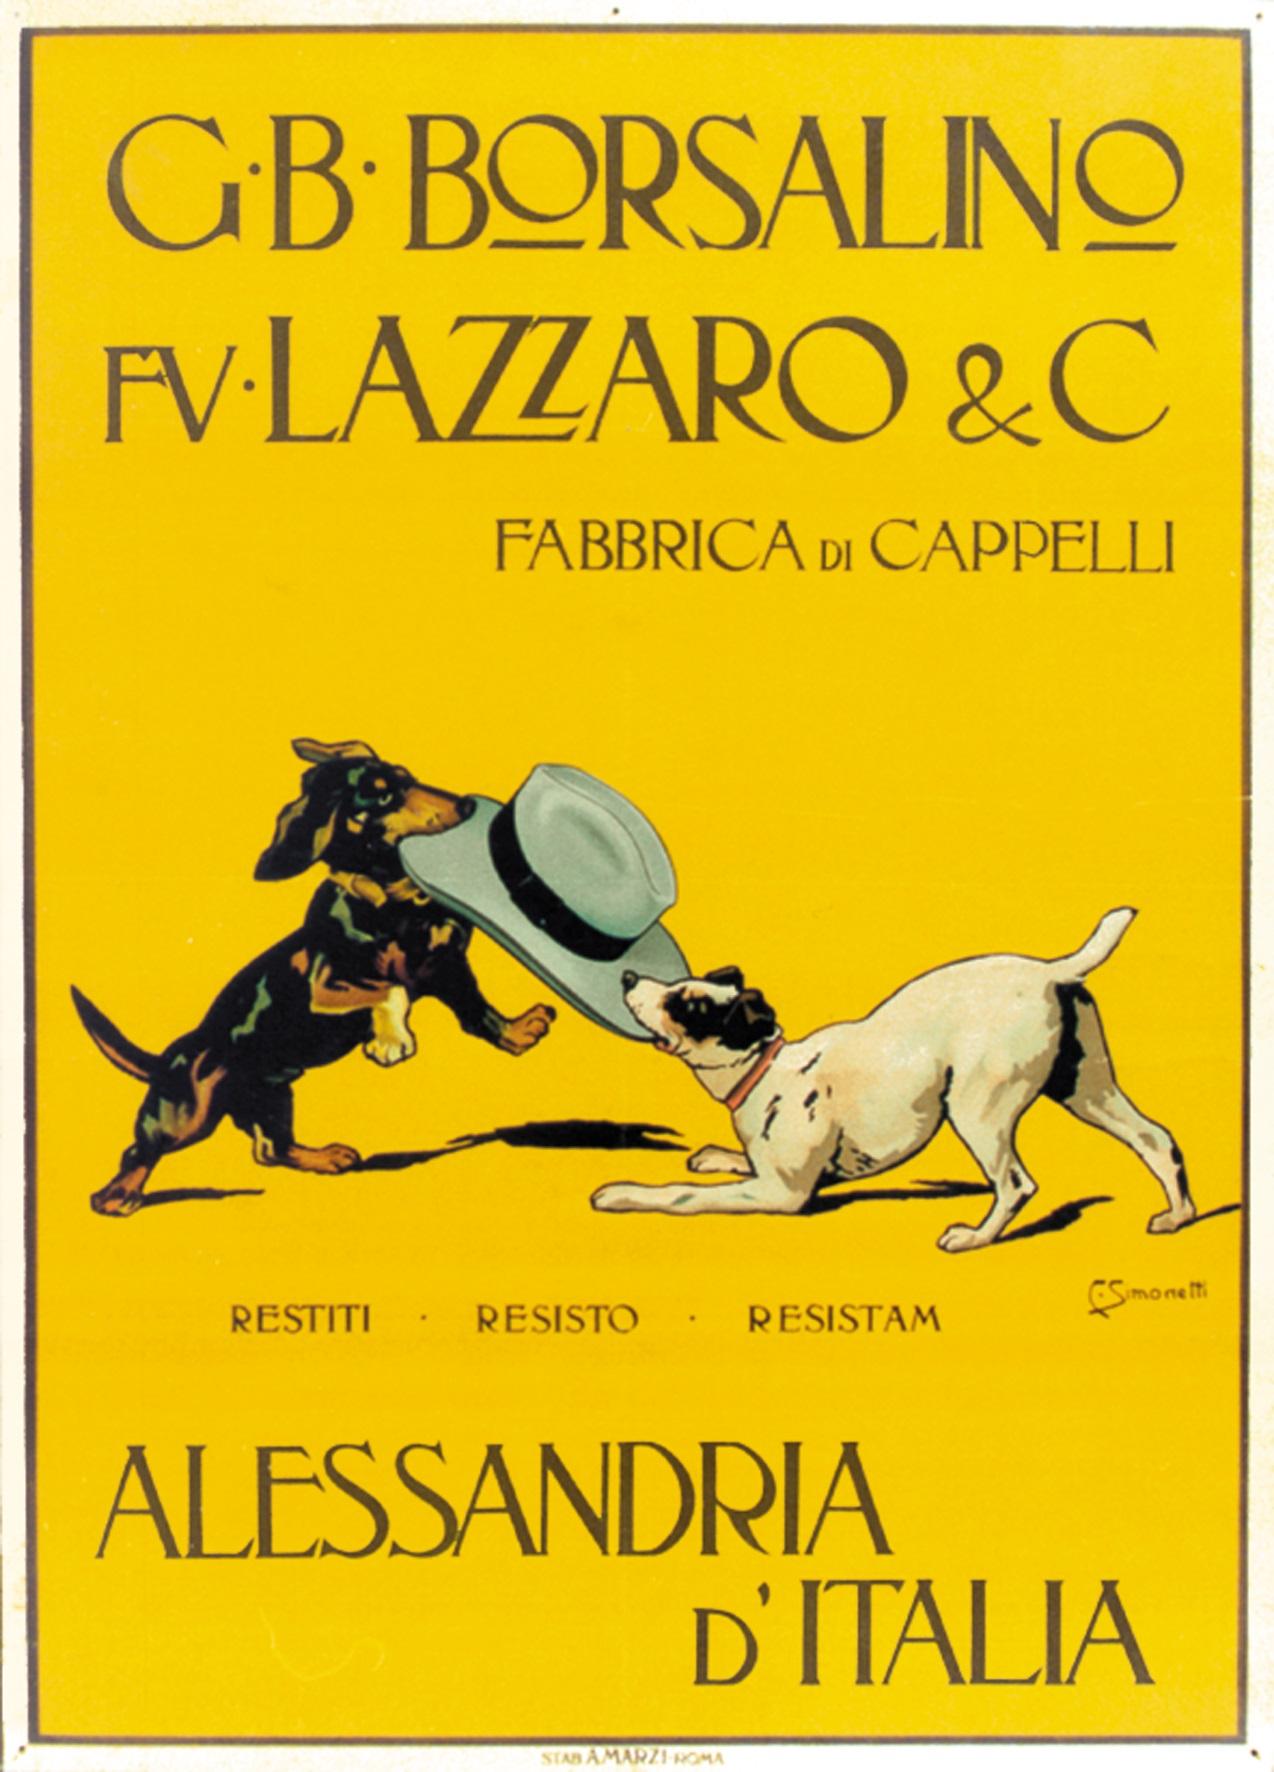 Borsalino City - 5 Lazzaro - Immagine concessa dalla Collezione Opere d'arte della Fondazione Cassa di Risparmio di Alessandria